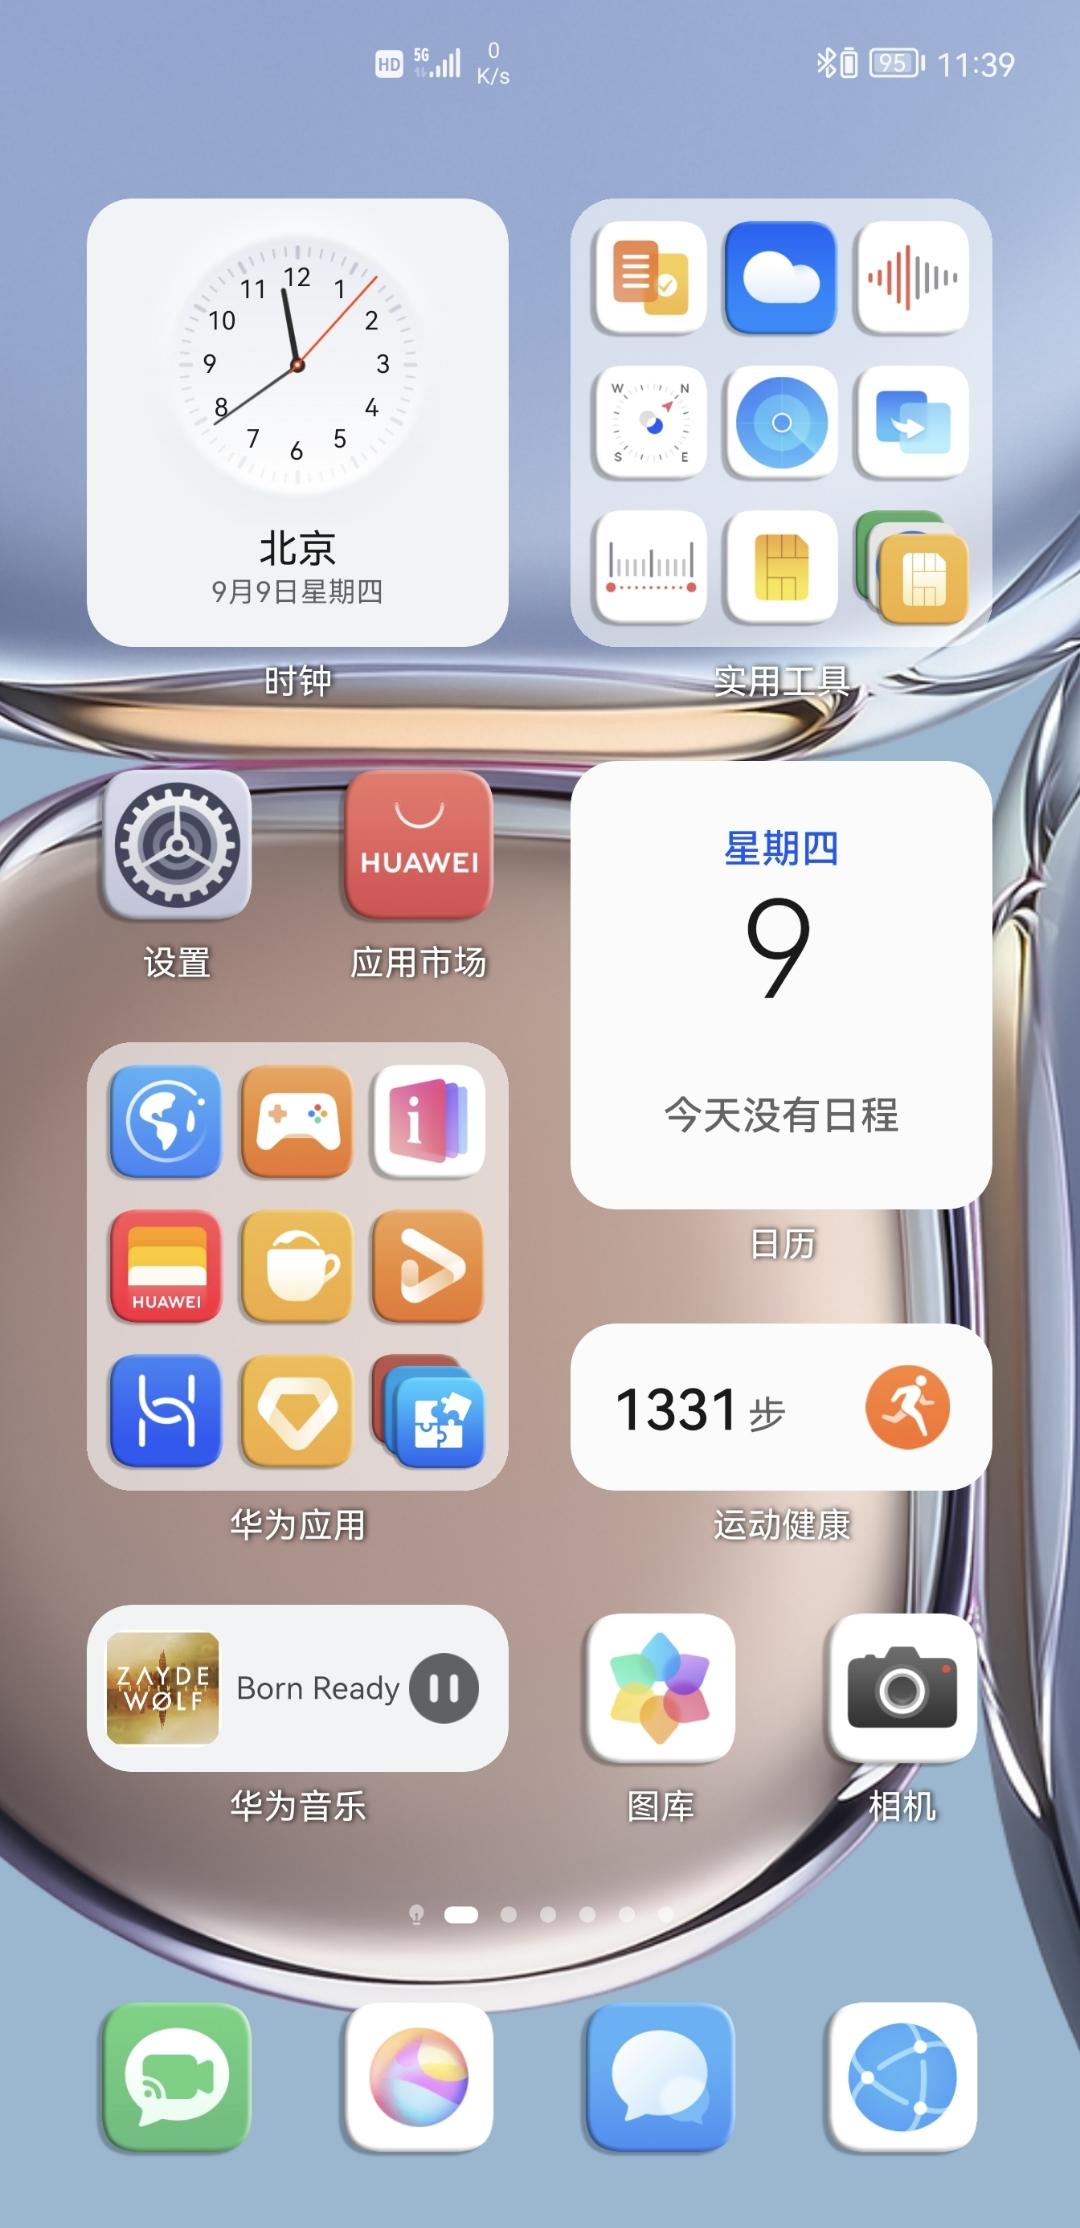 Screenshot_20210909_113907_com.huawei.android.launcher.jpg